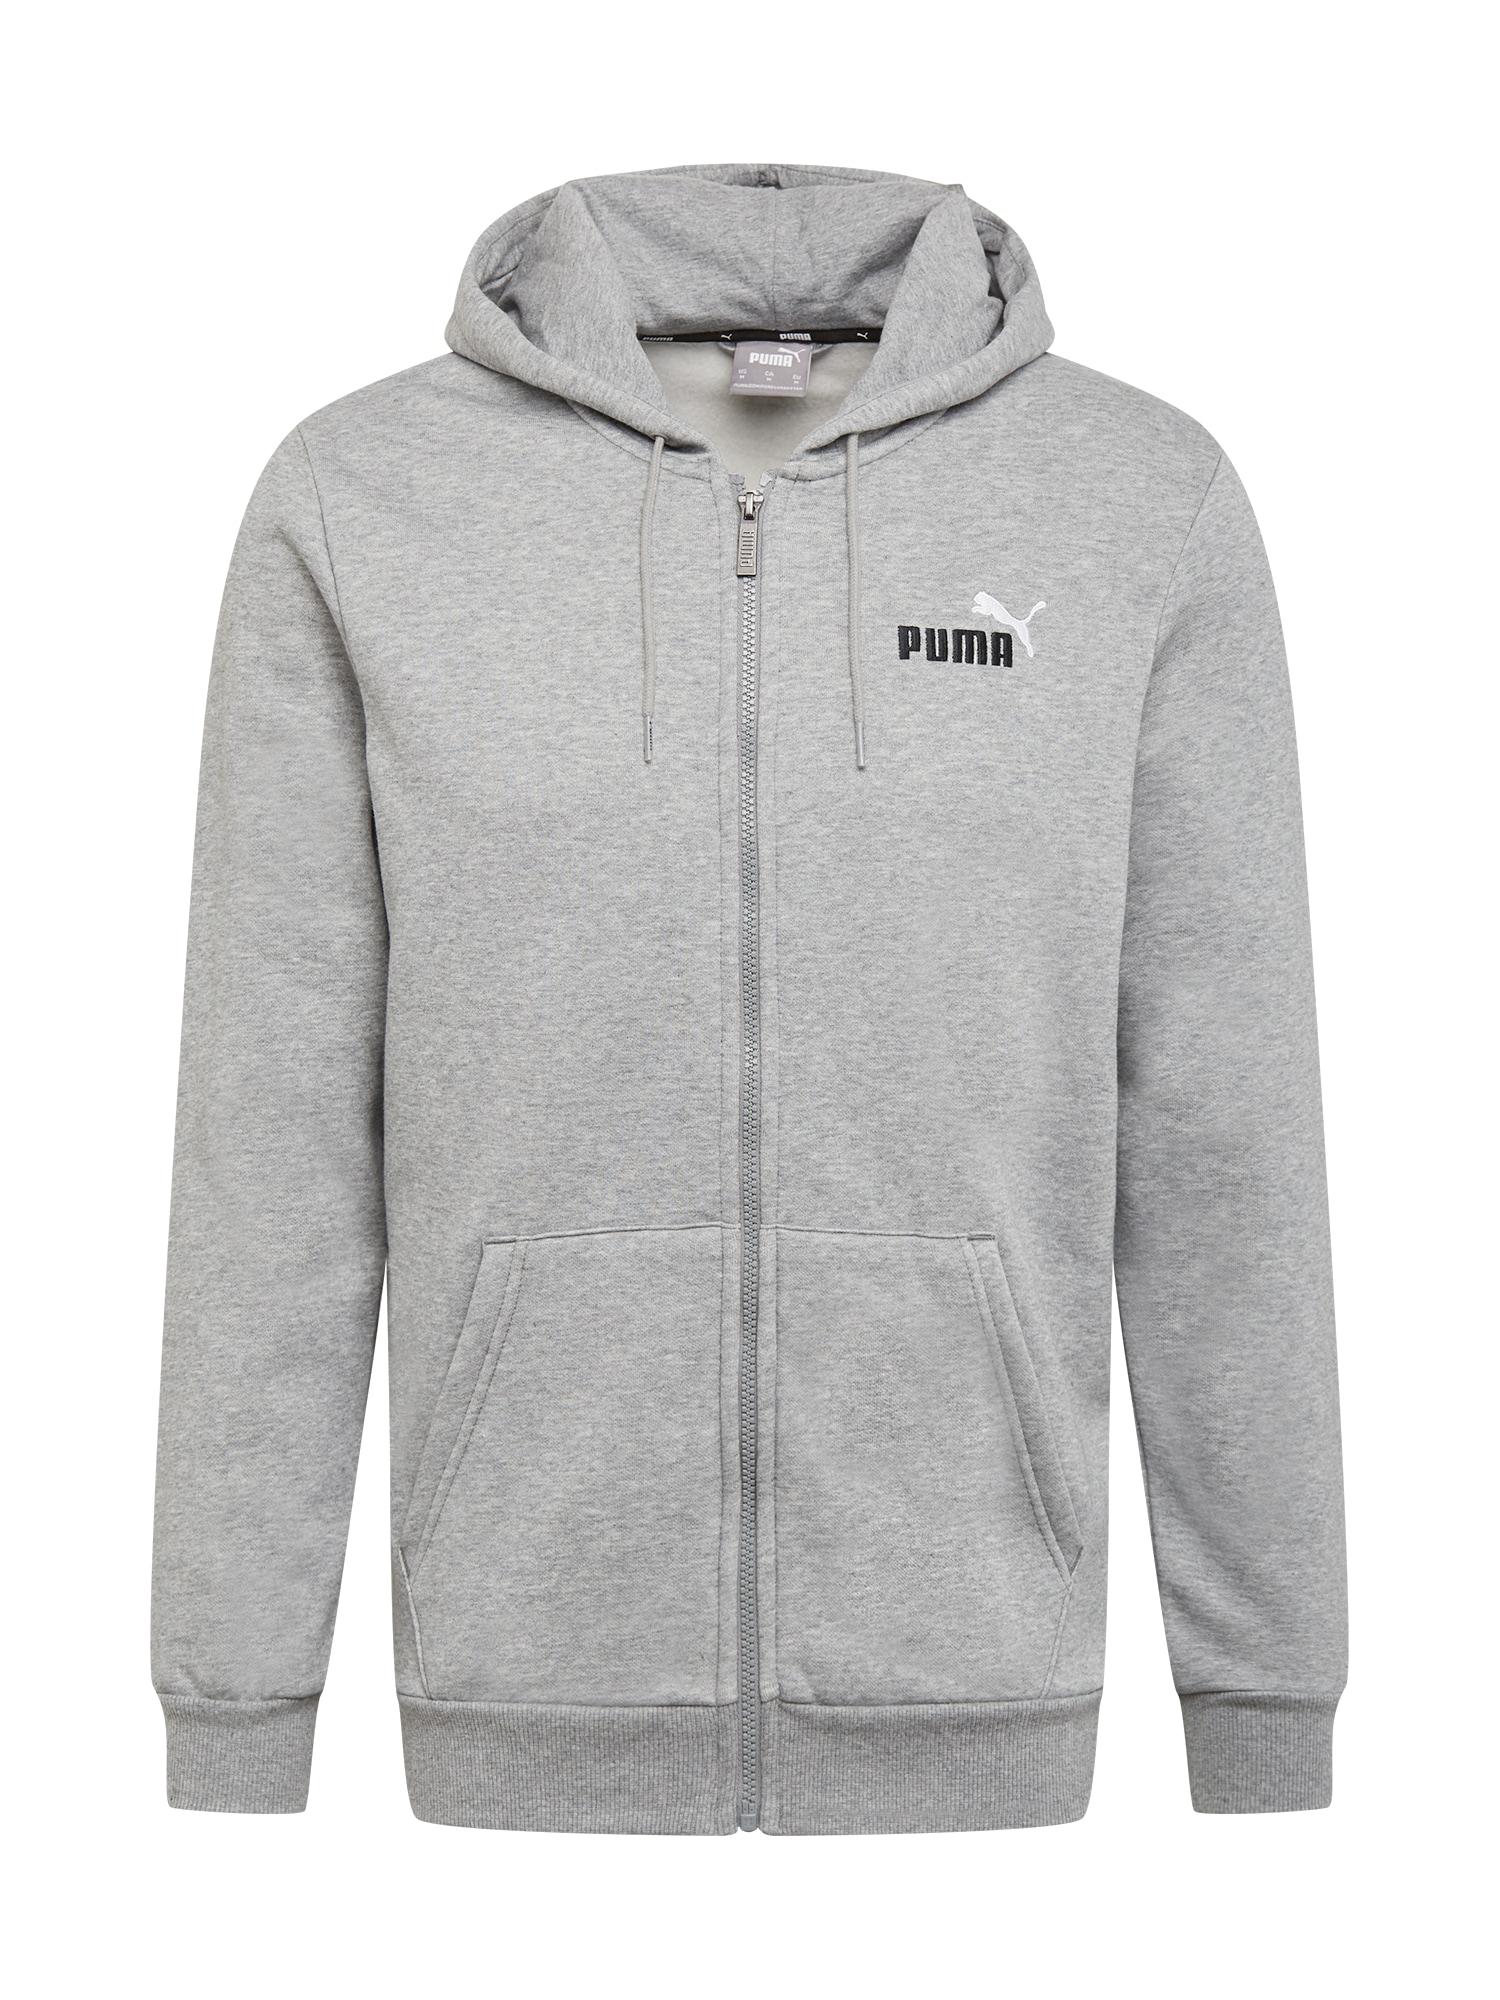 PUMA Sportinis džemperis margai pilka